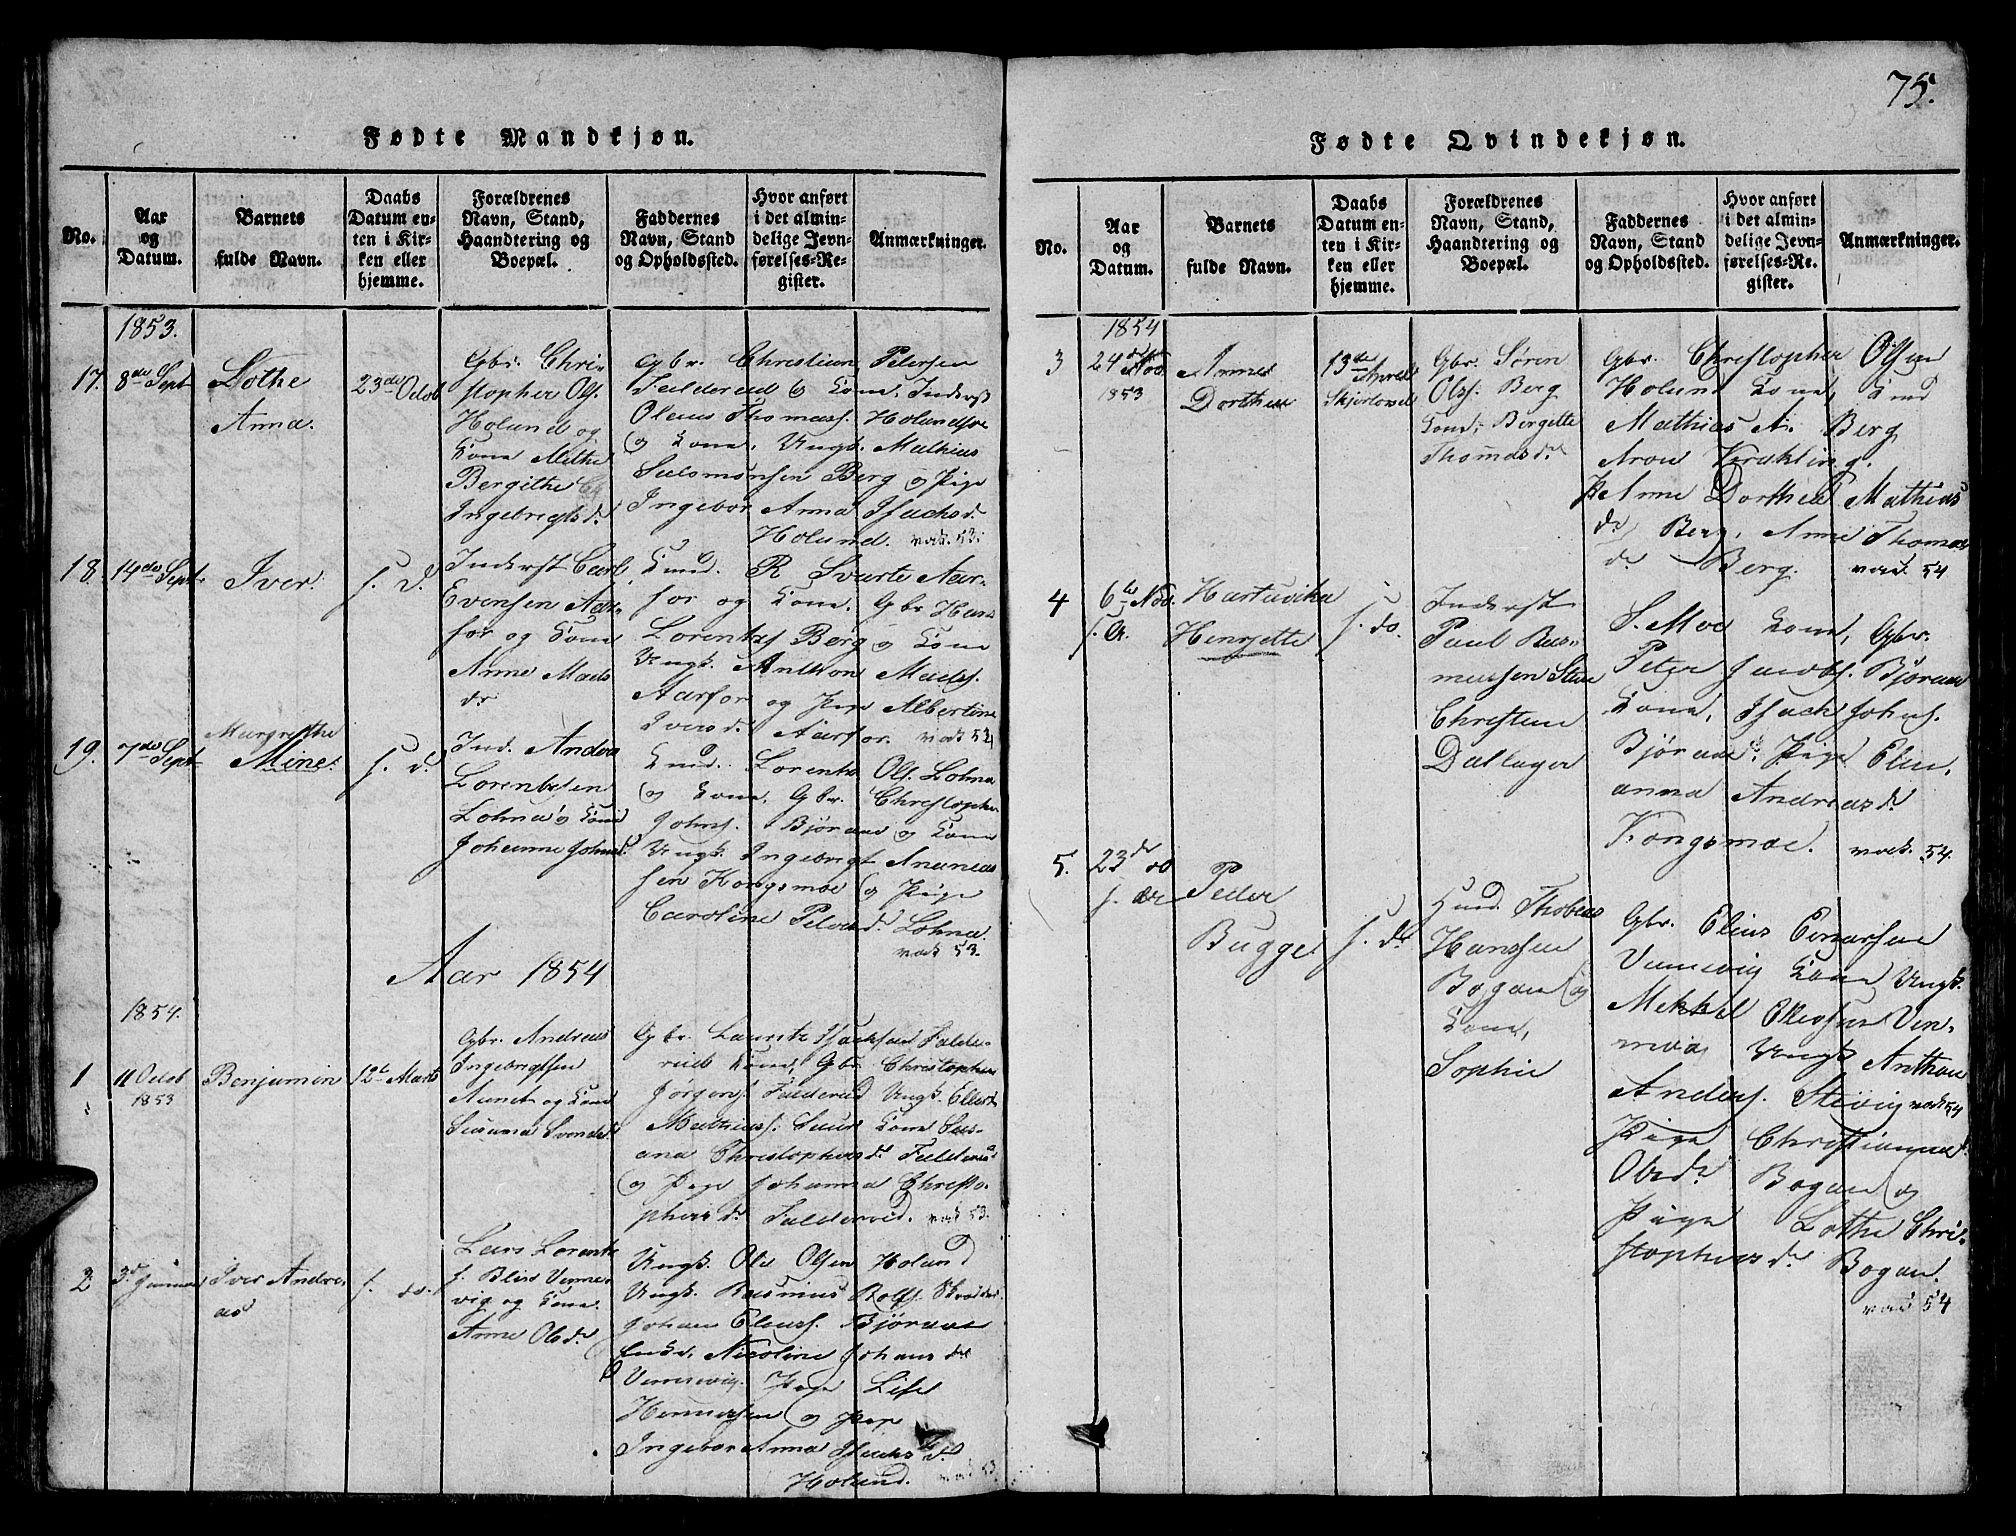 SAT, Ministerialprotokoller, klokkerbøker og fødselsregistre - Nord-Trøndelag, 780/L0648: Klokkerbok nr. 780C01 /3, 1815-1877, s. 75